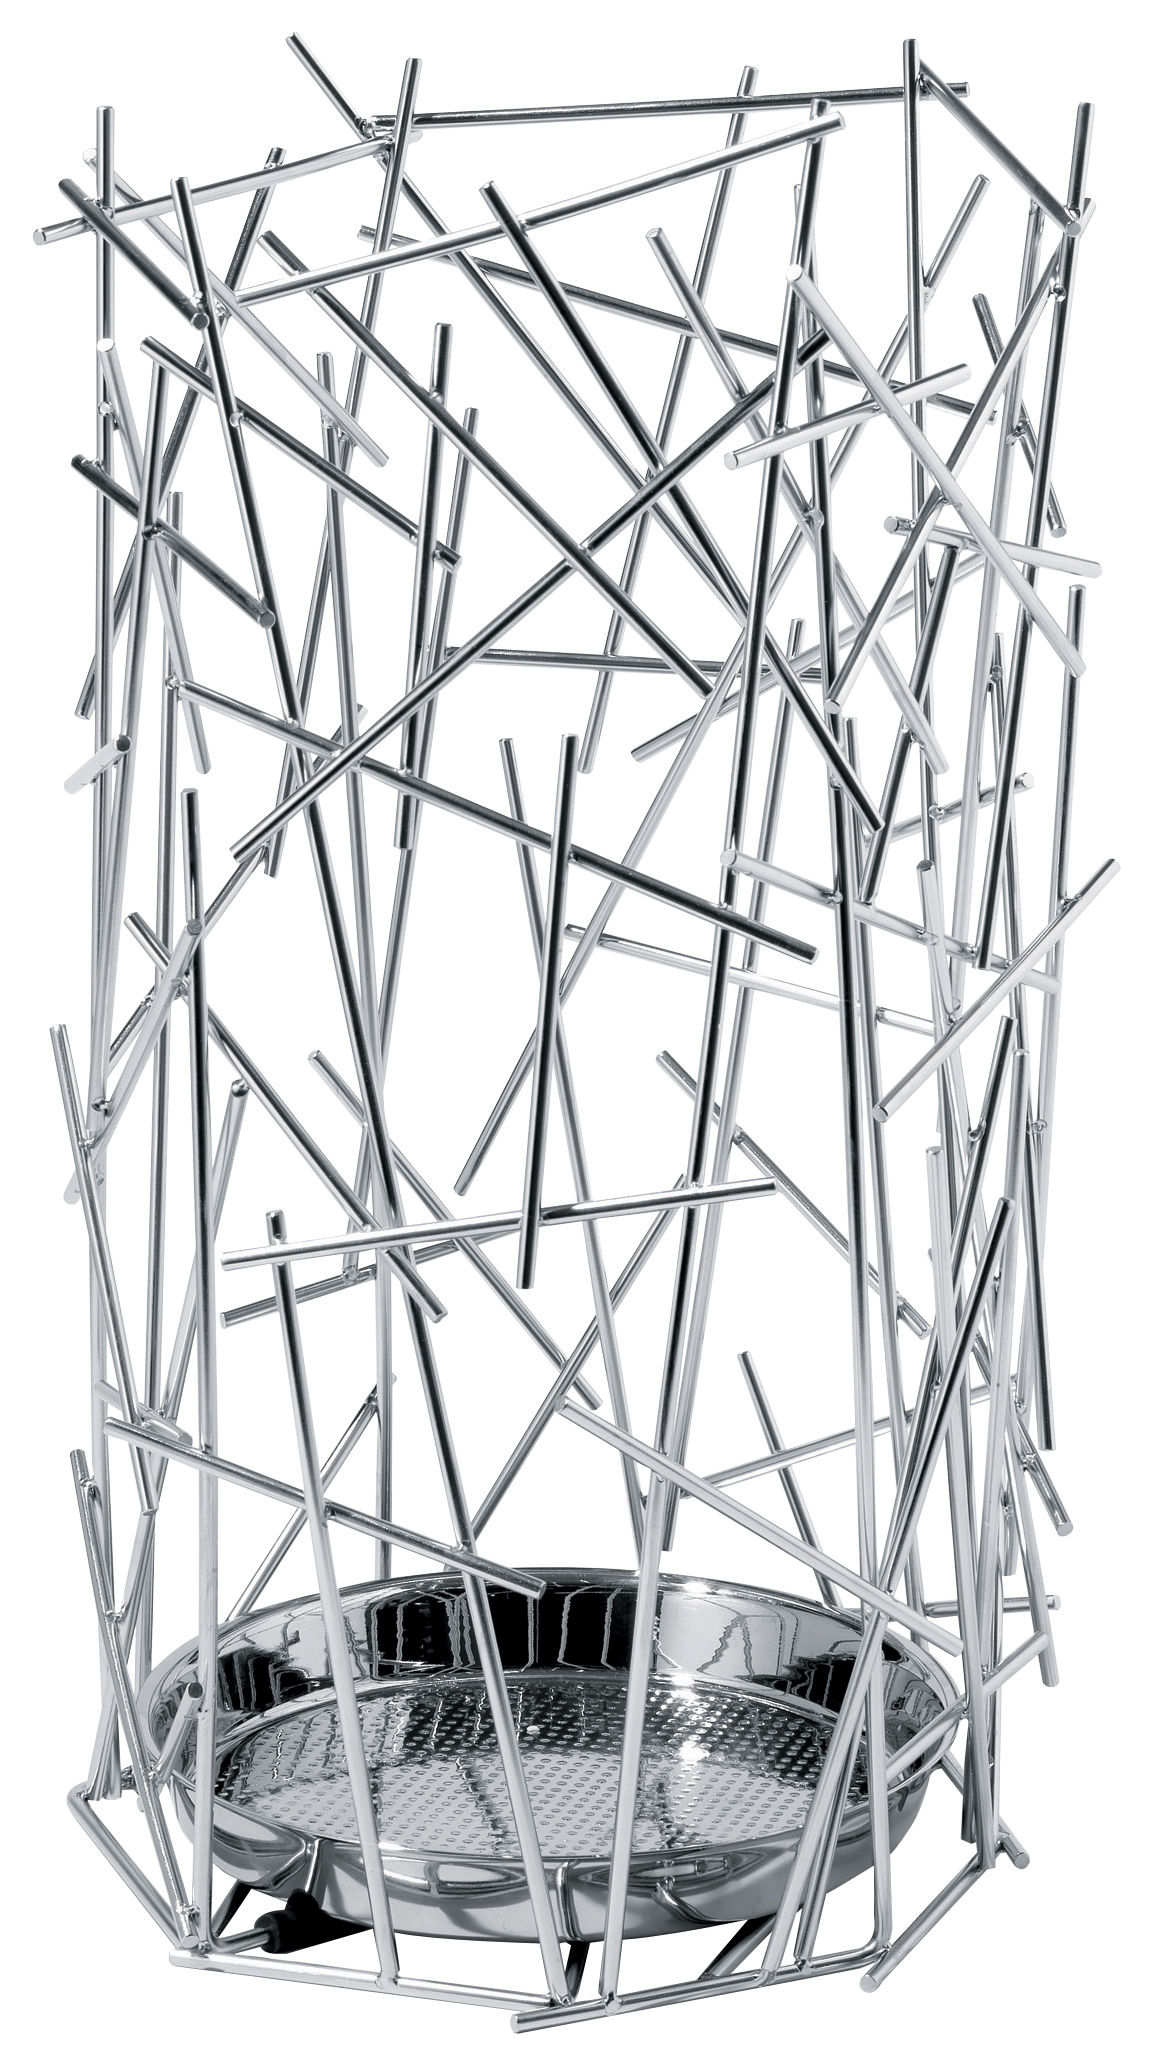 Dekoration - Einfach praktisch - Blow up Schirmständer - Alessi - Stahl - rostfreier Stahl